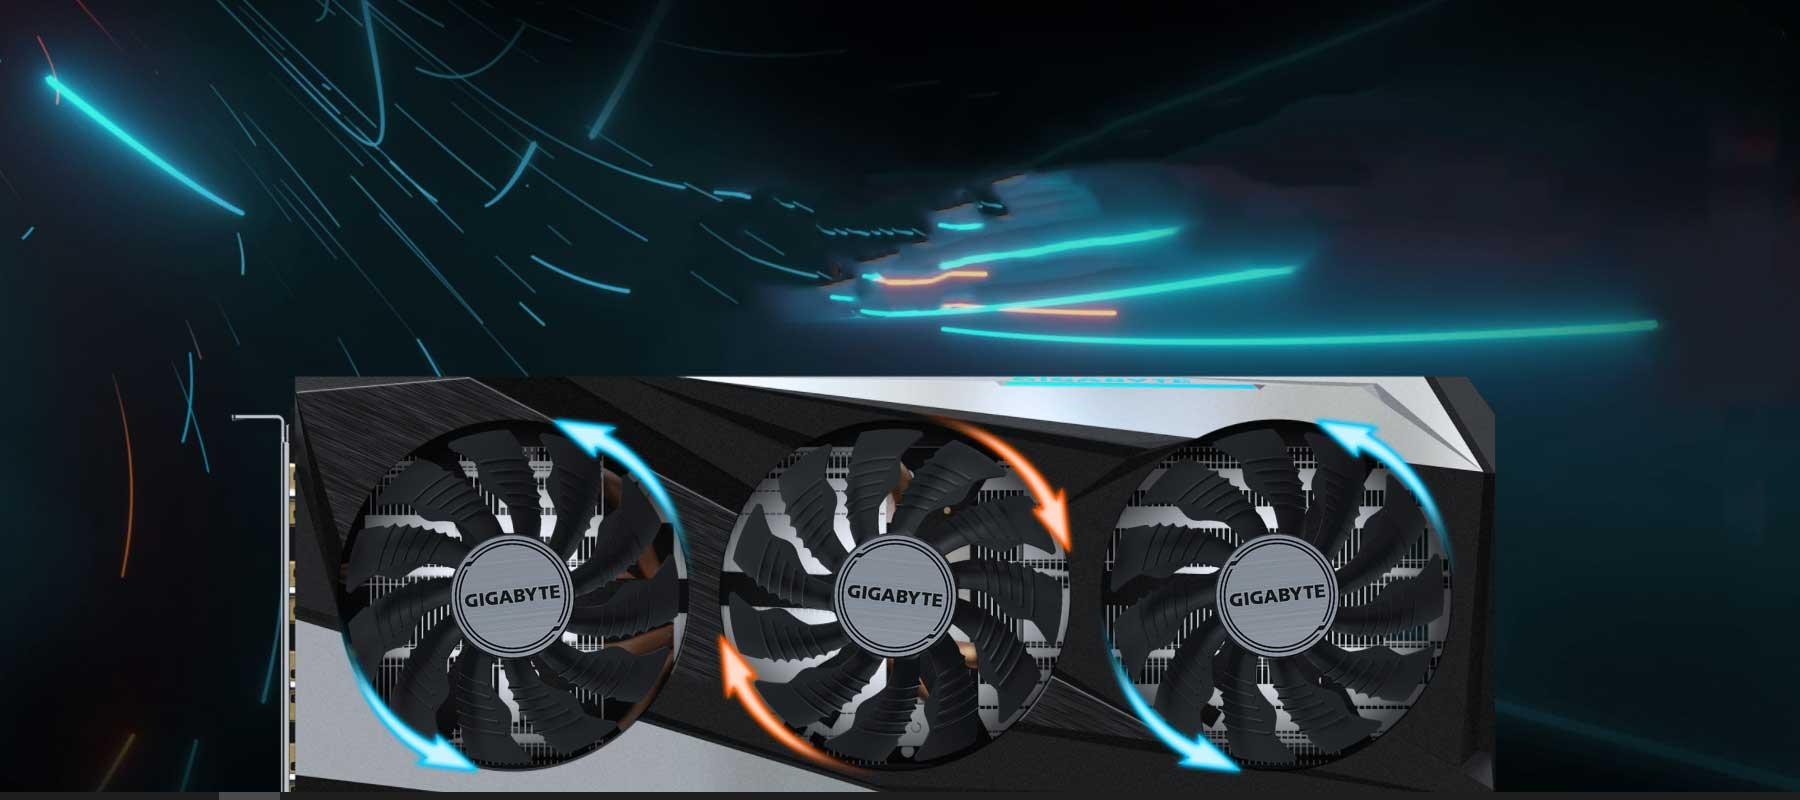 خنک کننده کارت گرافیک گیگابایت Radeon RX 6700 XT GAMING OC